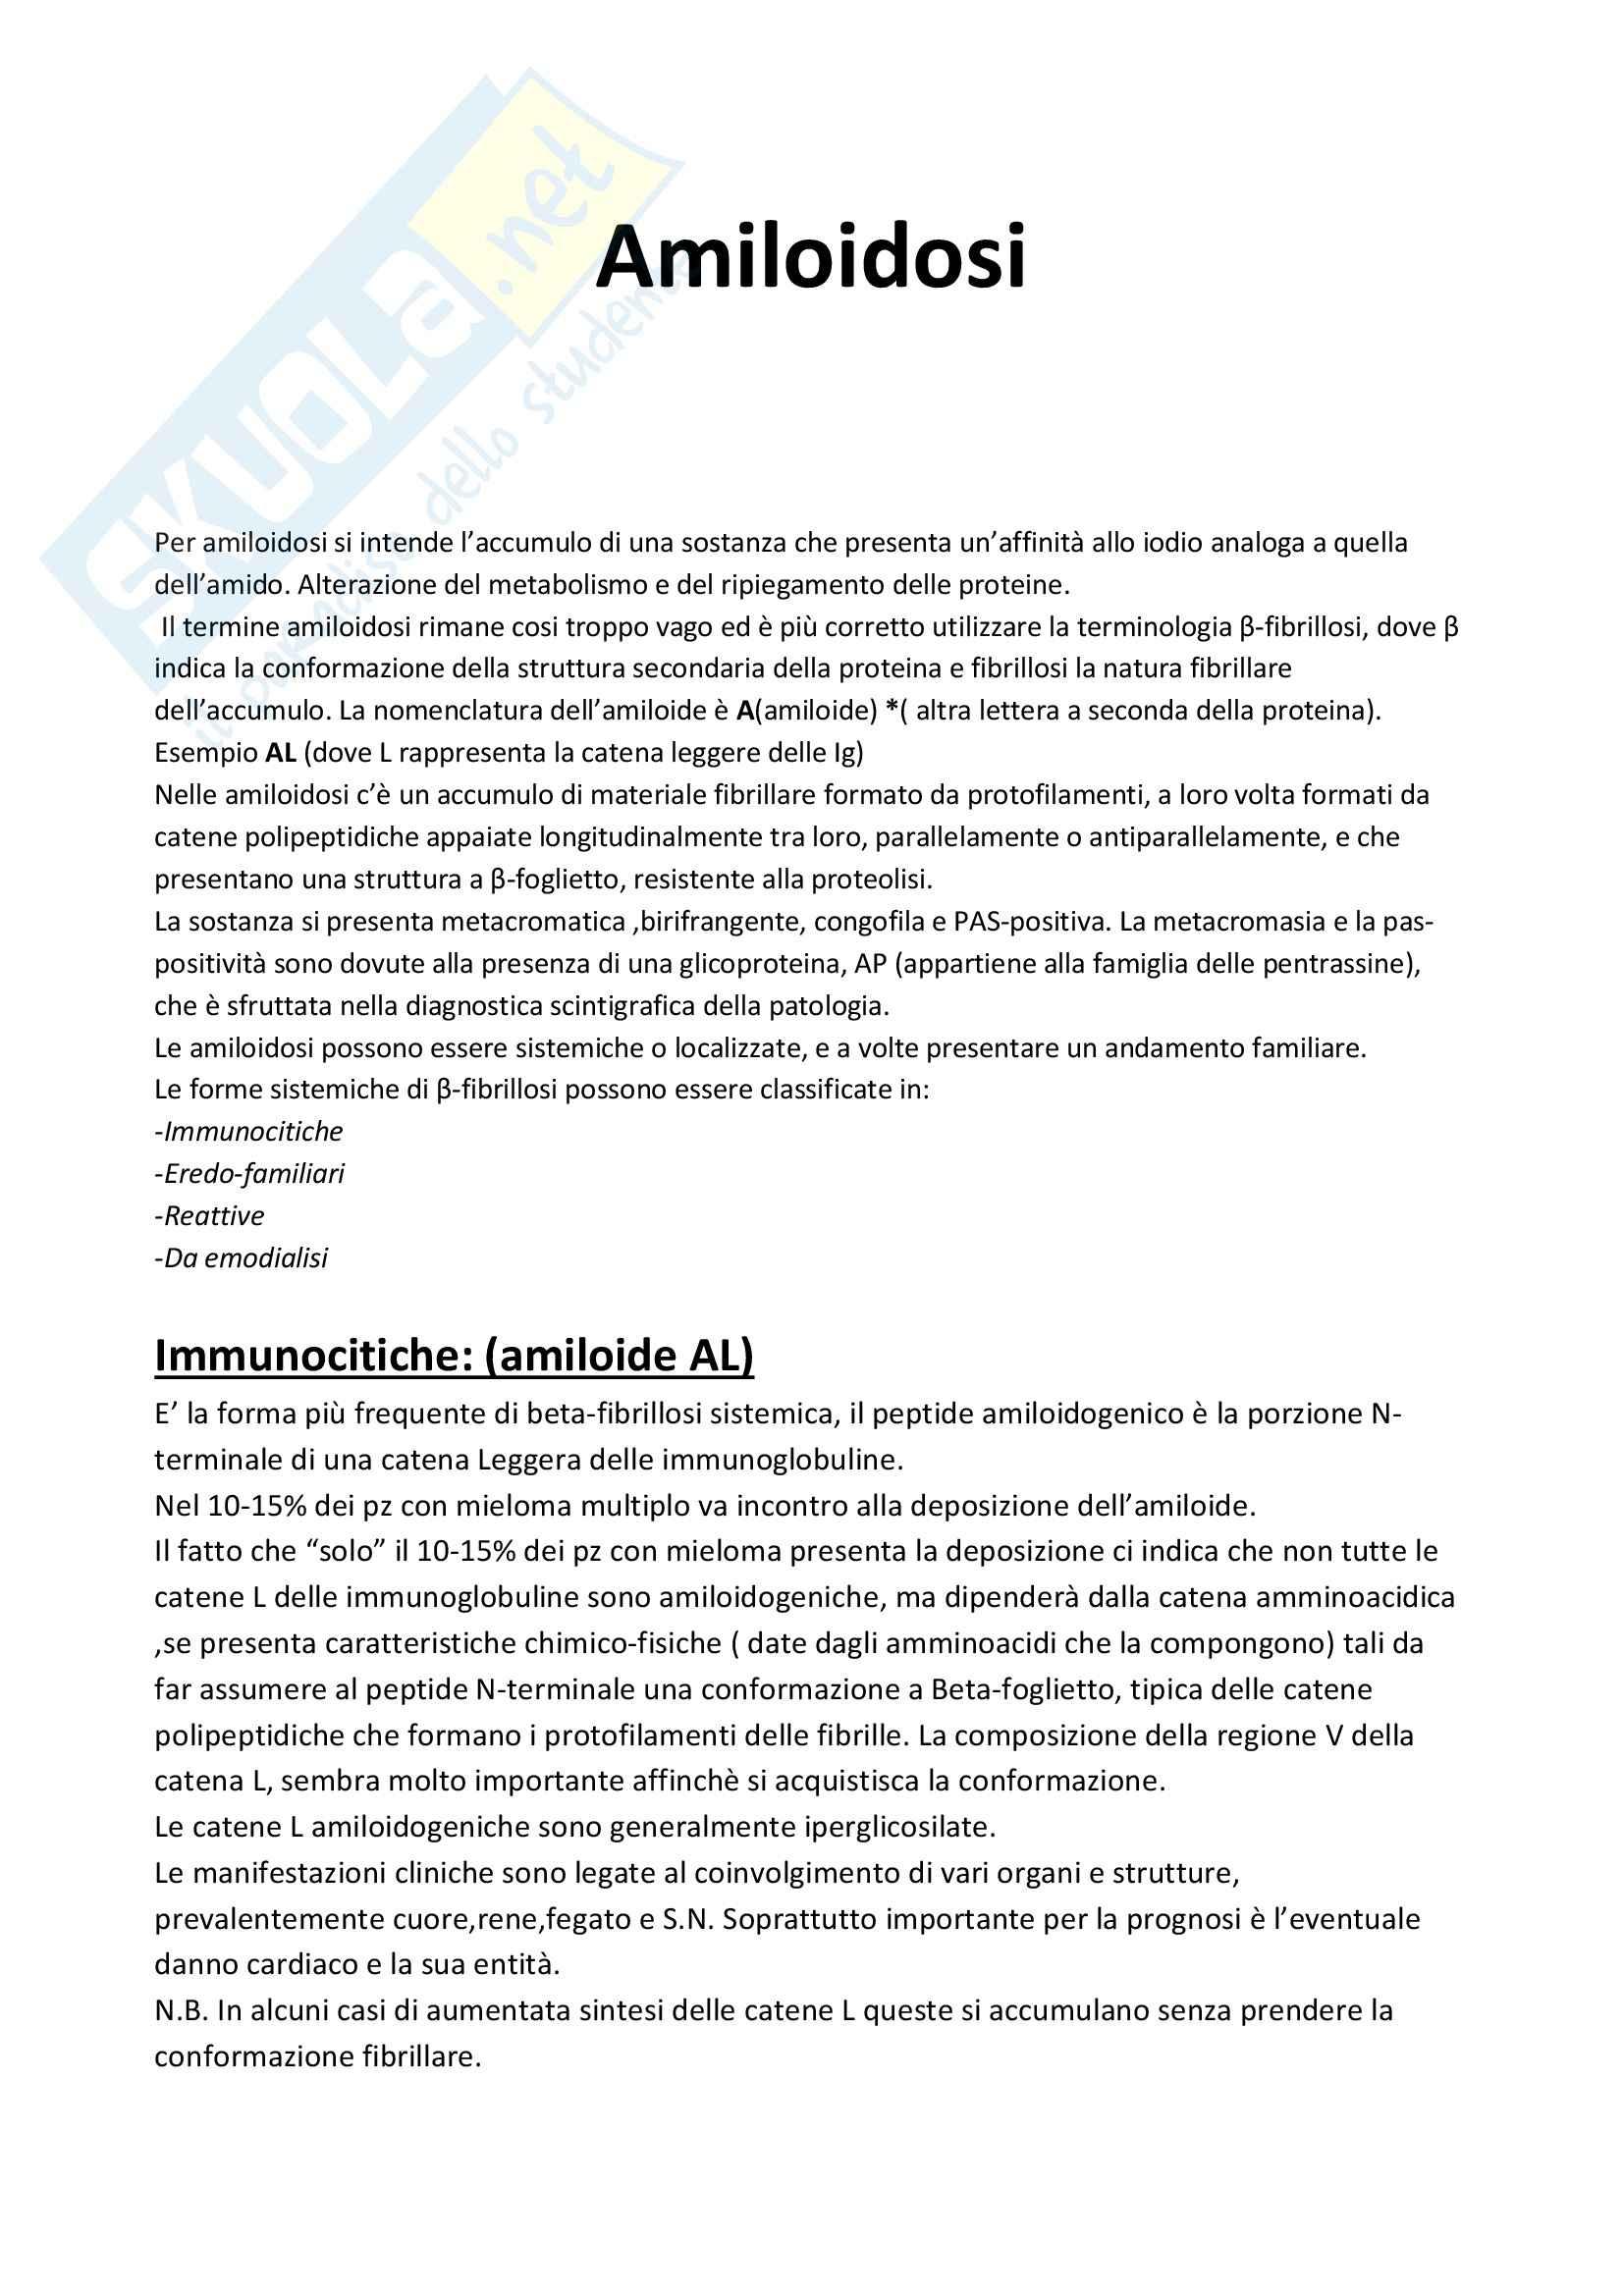 Patologia e fisiopatologia generale - amiloidosi e patologia del Folding proteico